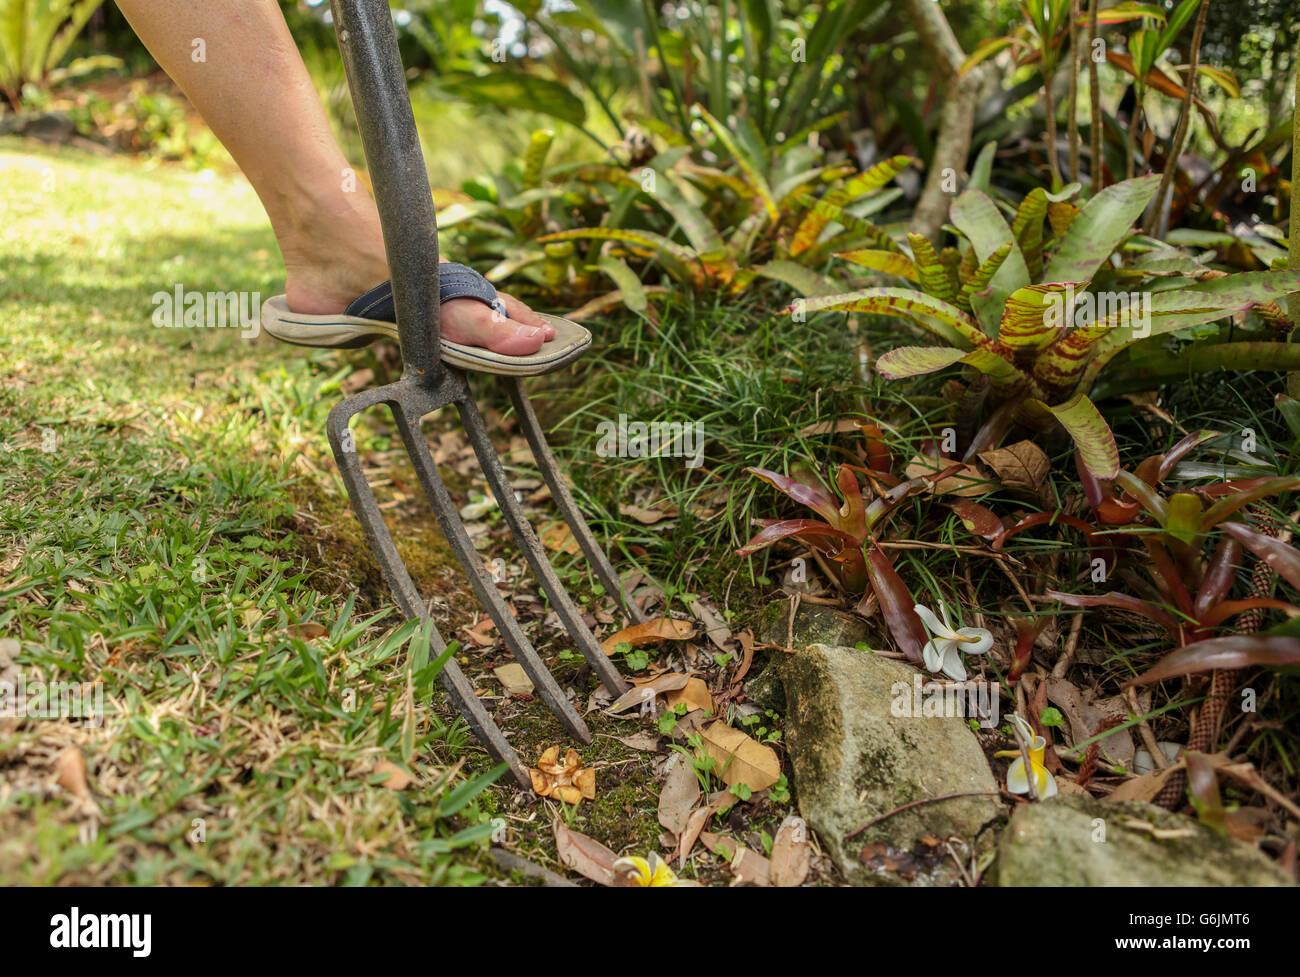 Garden Work Woman Digging Shovel Stock Photos & Garden Work Woman ...